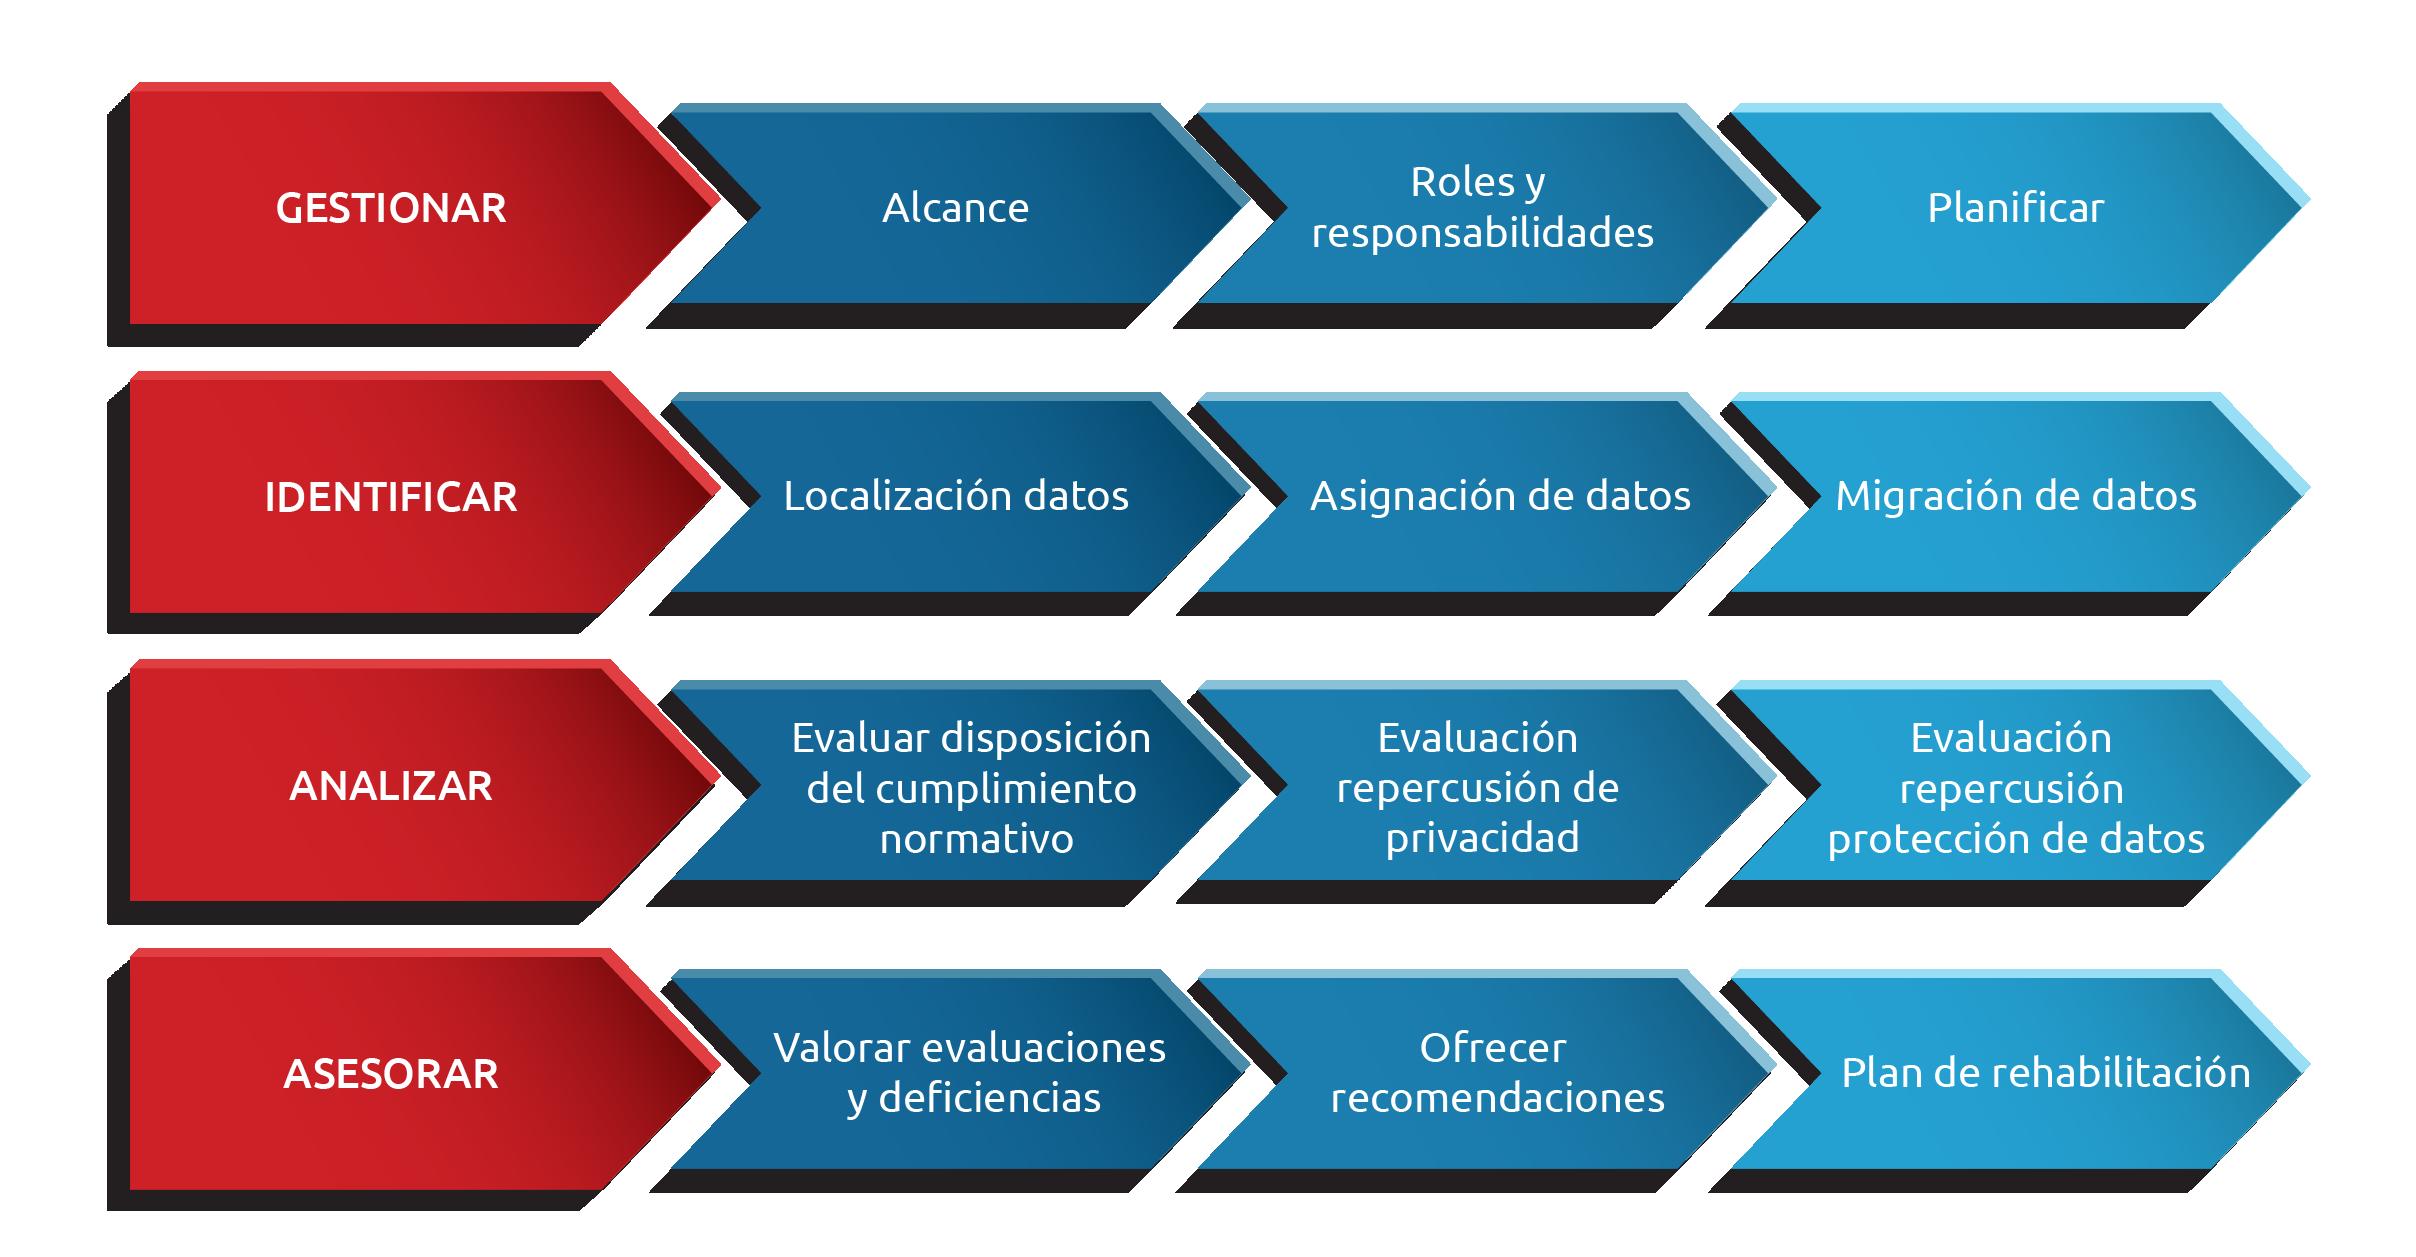 La privacidad de los datos y la legislación asociada son factores de máxima prioridad para los consejos de administración y los departamentos de cumplimiento normativo de las empresas